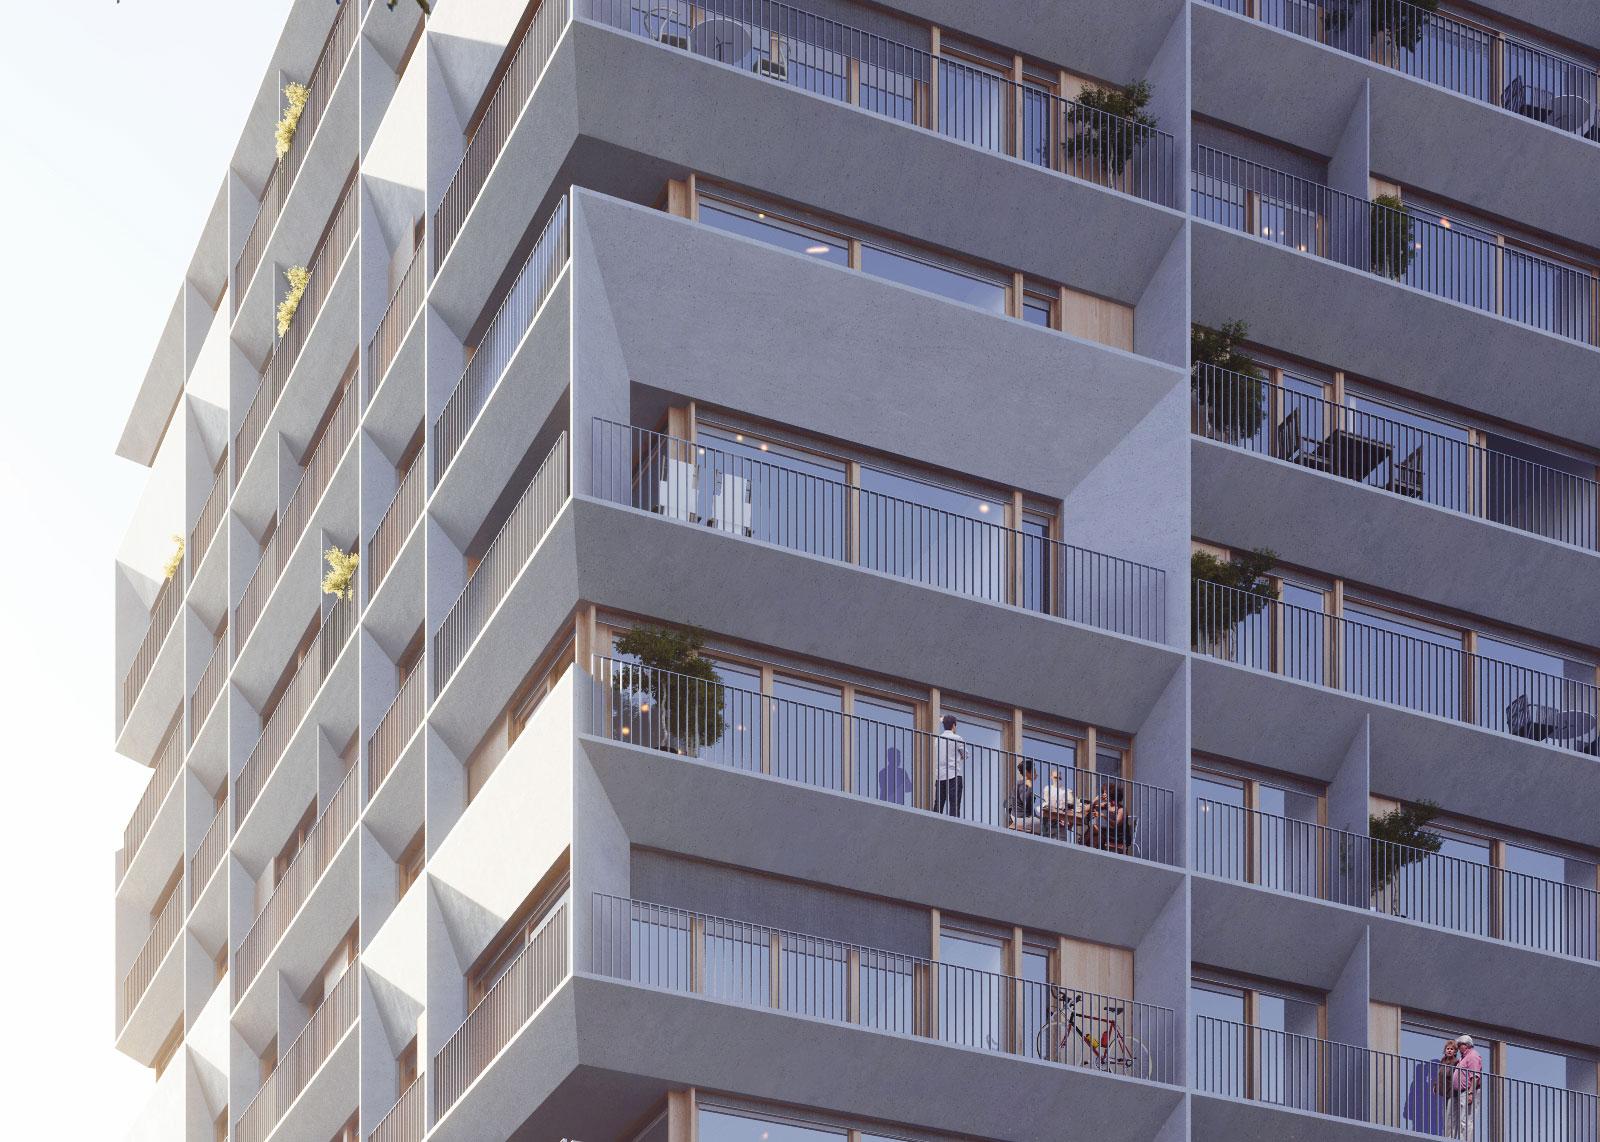 105 logements sociaux + S.O.H.O.